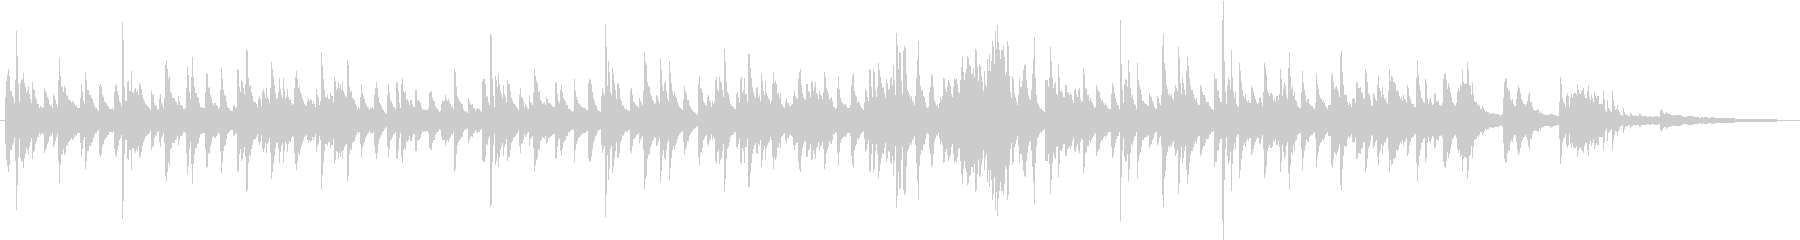 ノスタルジックで優雅なジャズバラードの未再生の波形